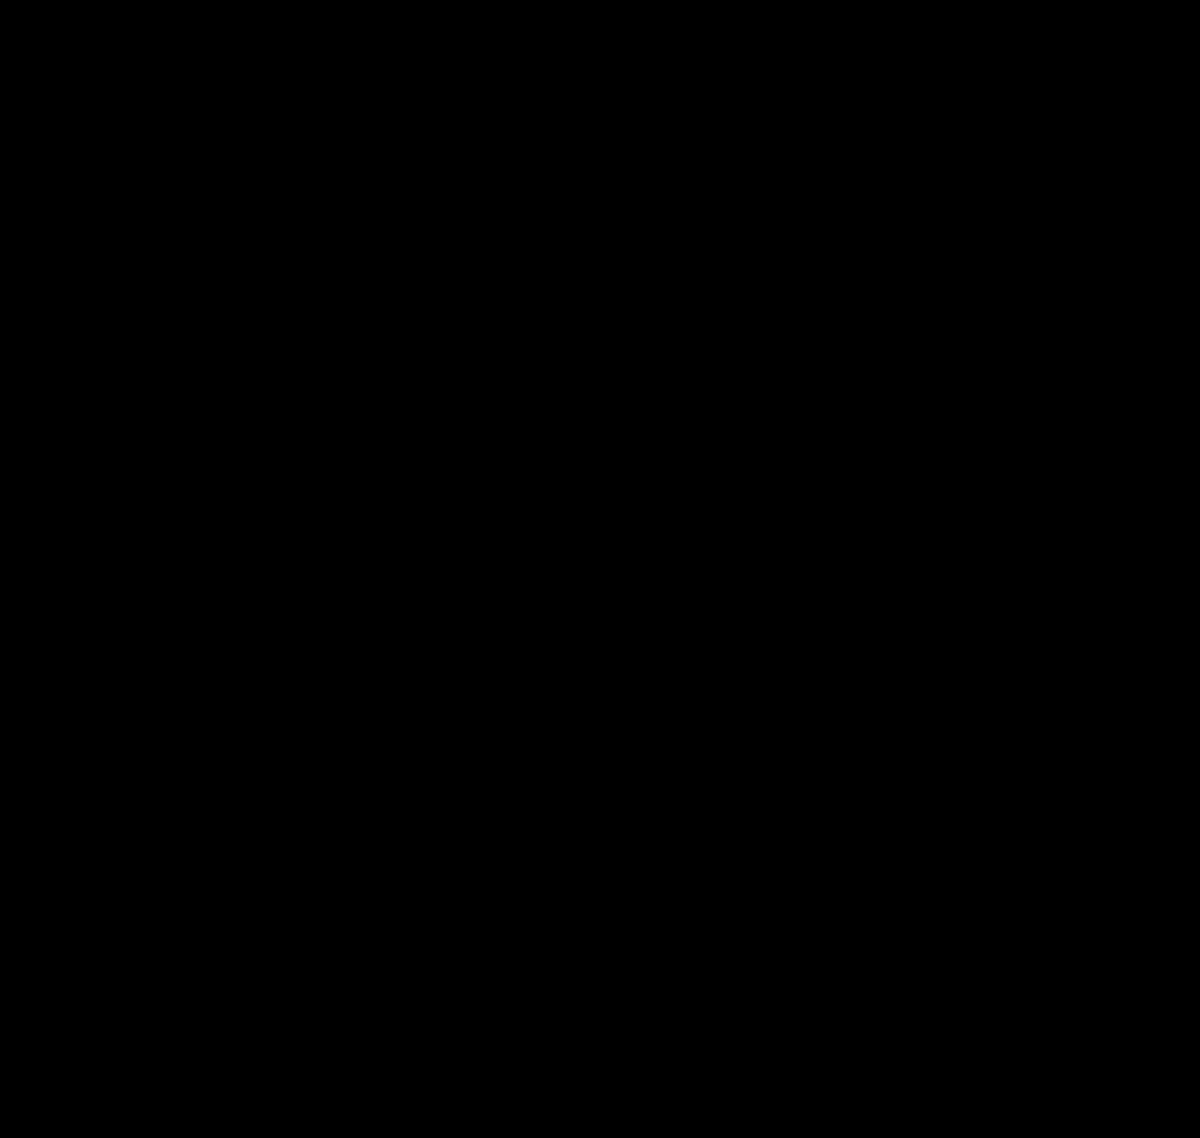 batman symbol - 1986 (1)